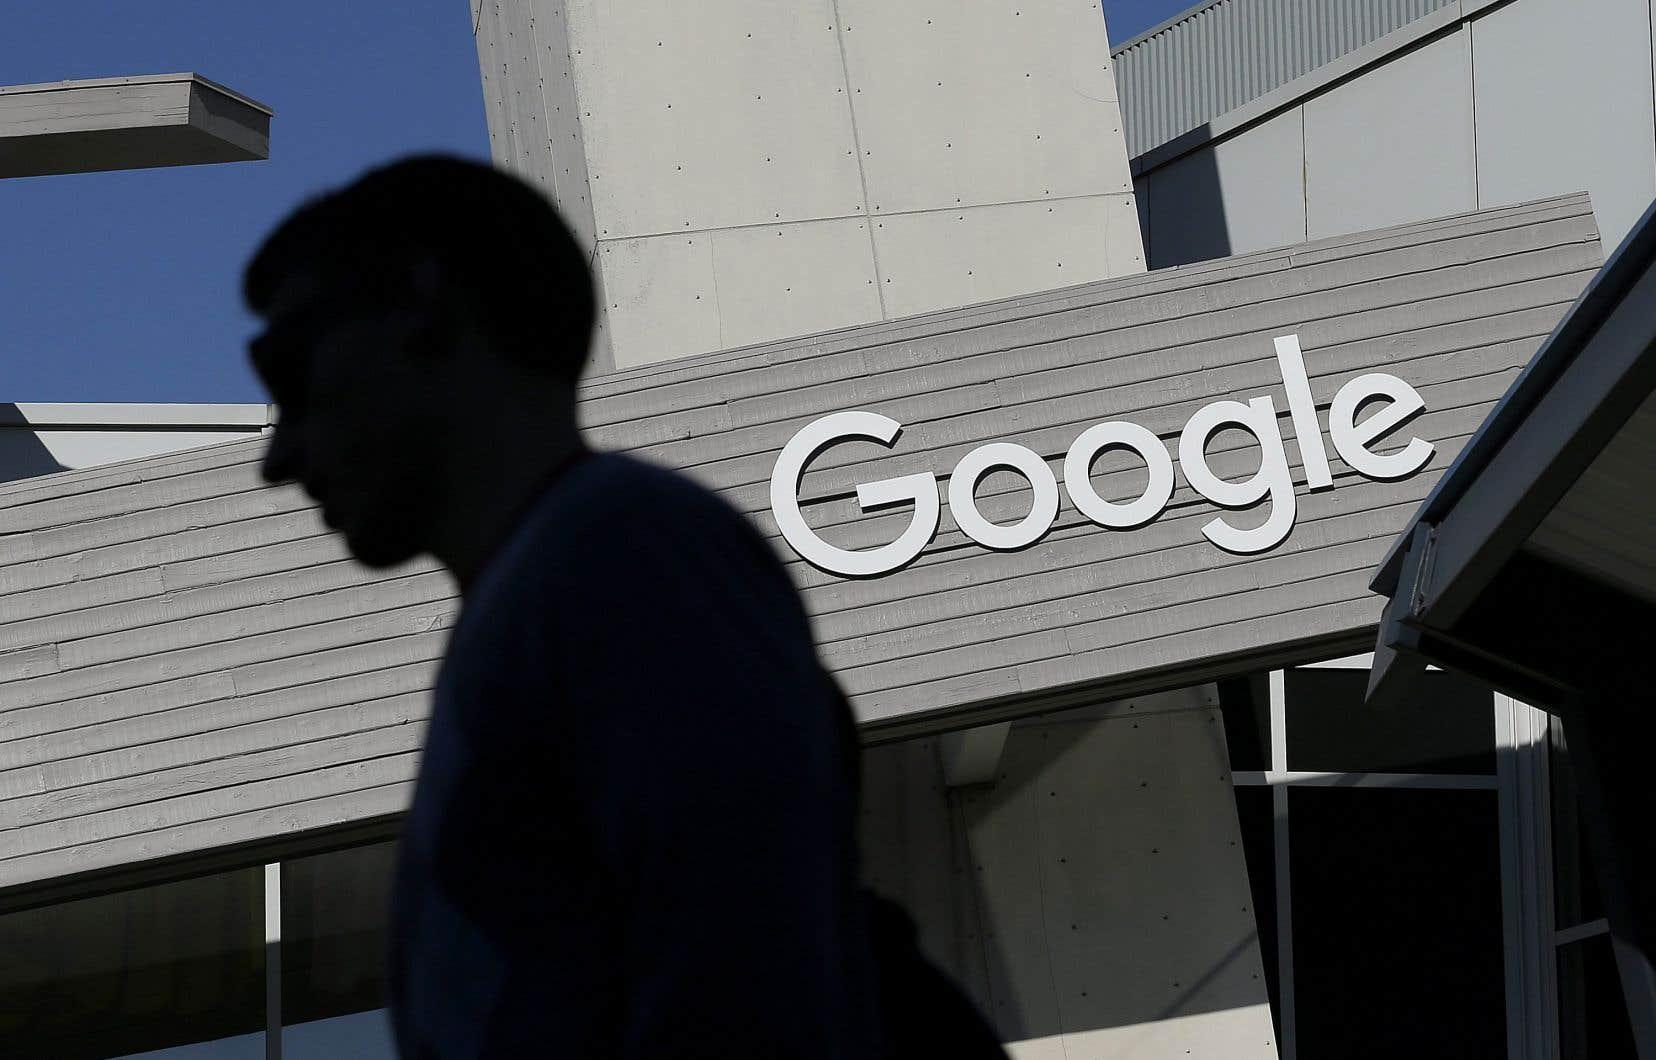 Il y a un peu plus d'un an, l'entreprise avait déjà été condamnée par la Commission européenne à payer une amende de 2,42milliards d'euros pour avoir abusé de sa position dominante dans la recherche en ligne.